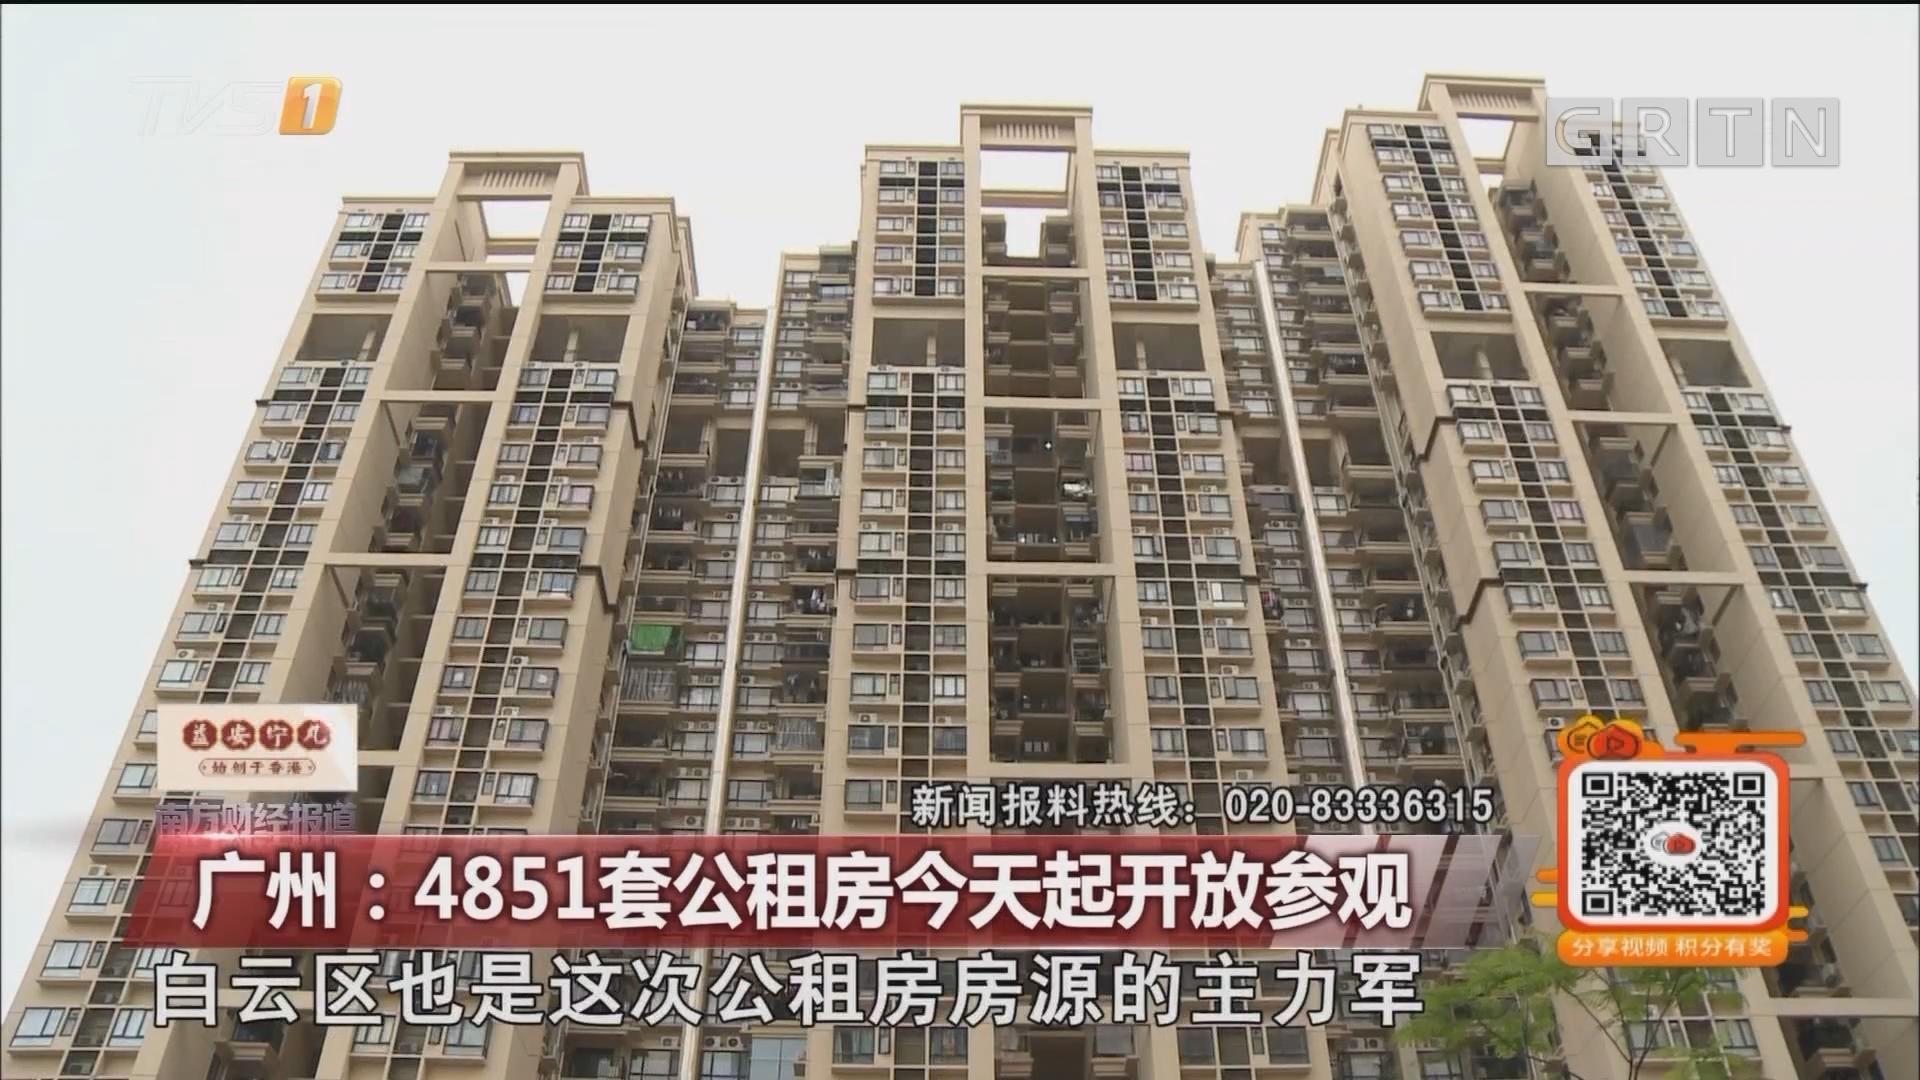 广州:4851套公租房今天起开放参观